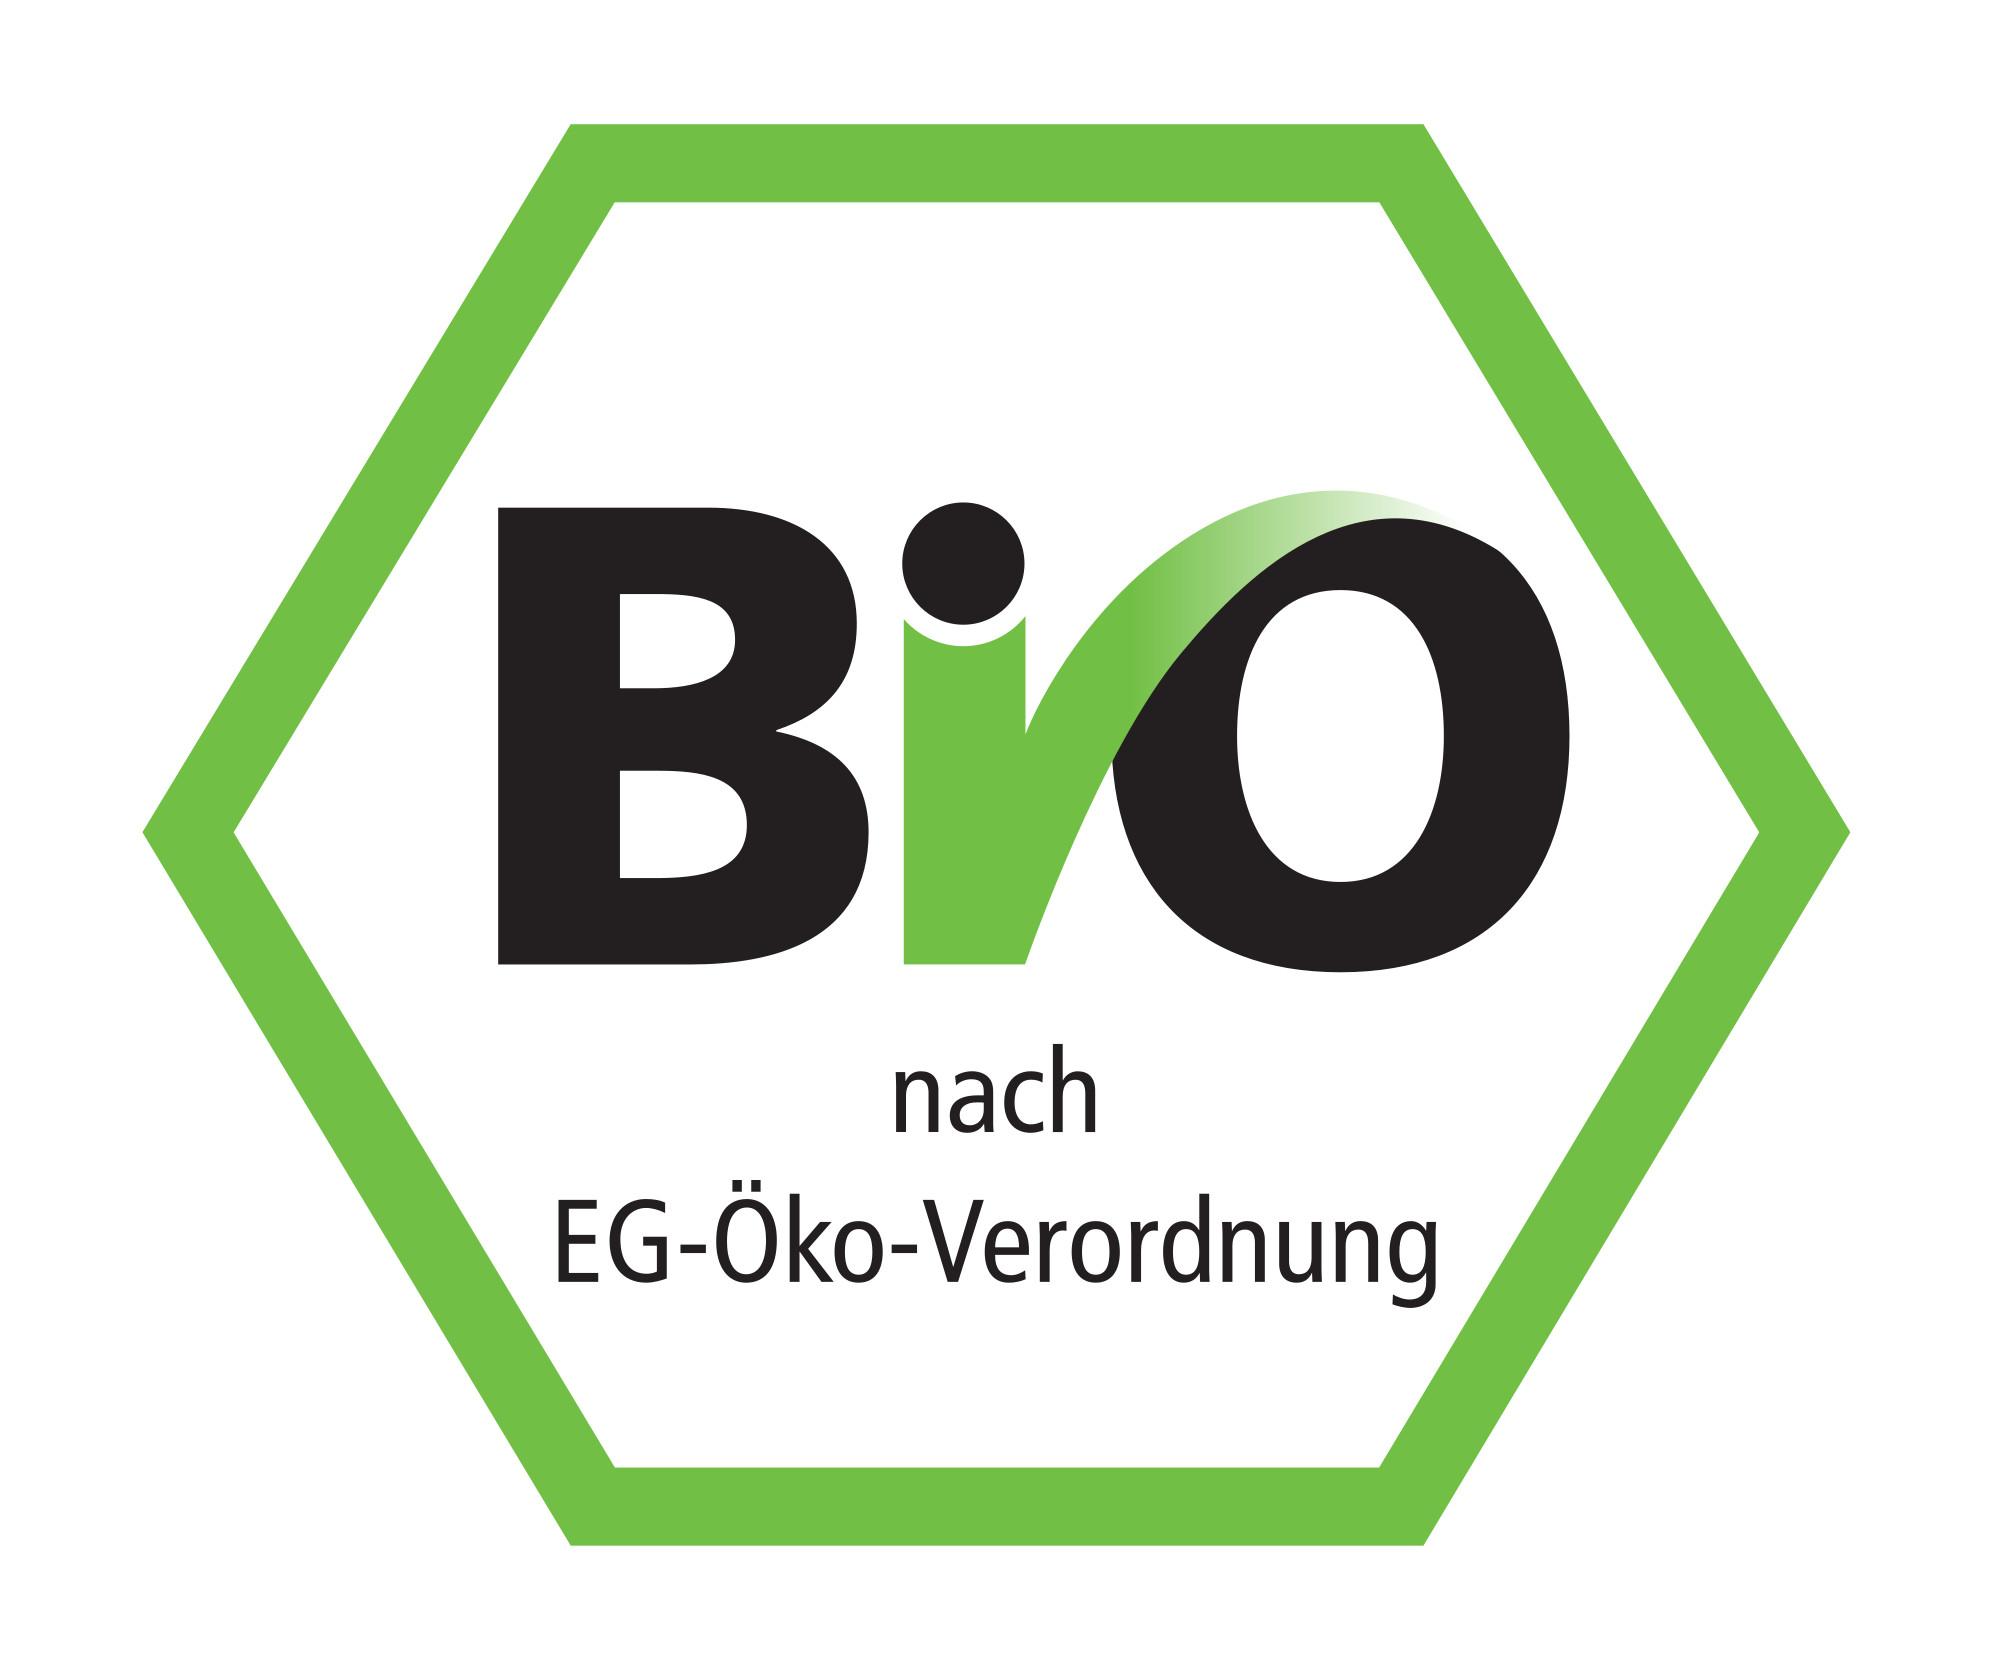 Přírodní certifikát BIO nach EG-Öko-Verordnung